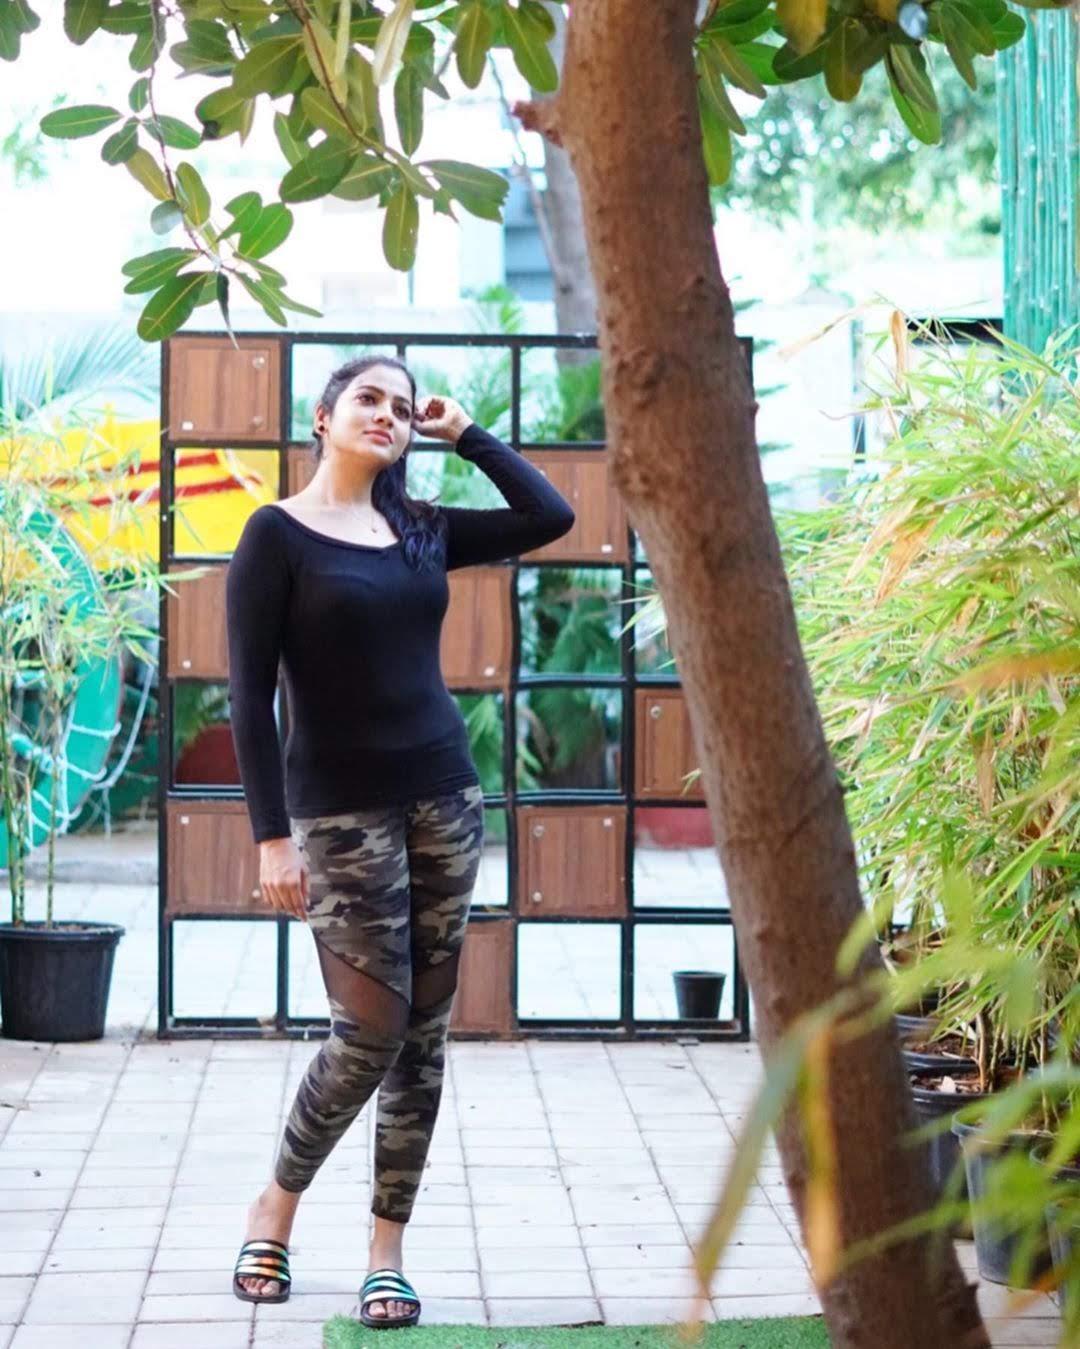 vj_Chitra_1631532_38